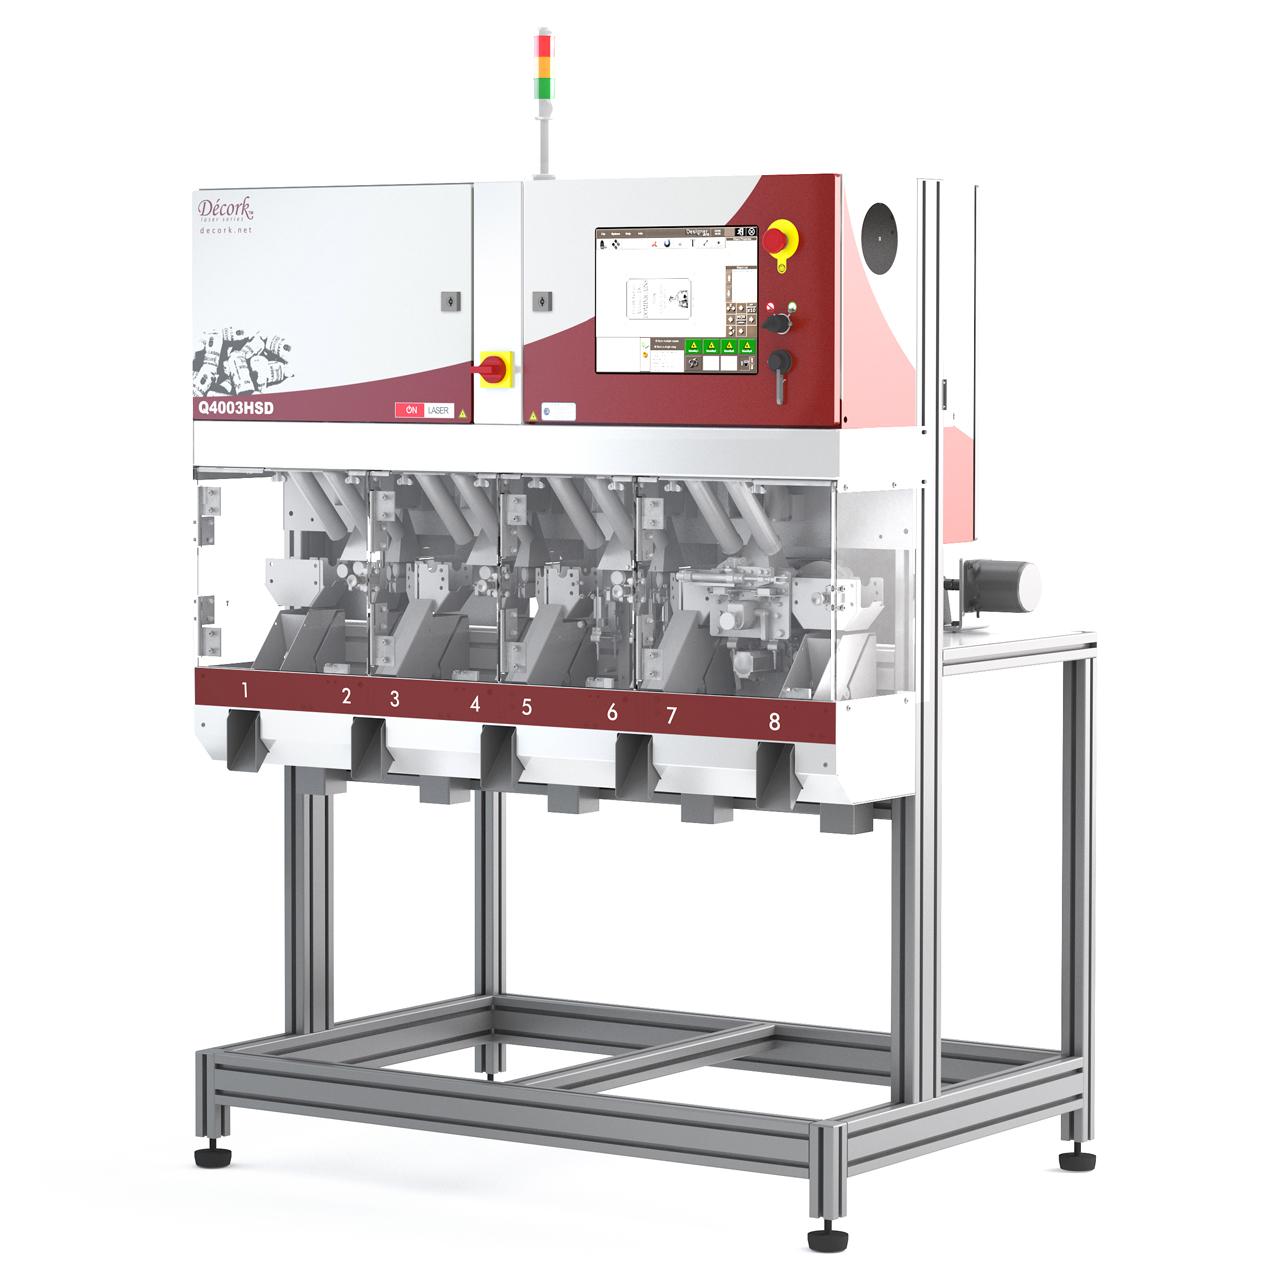 Décork Q4000 Laser System